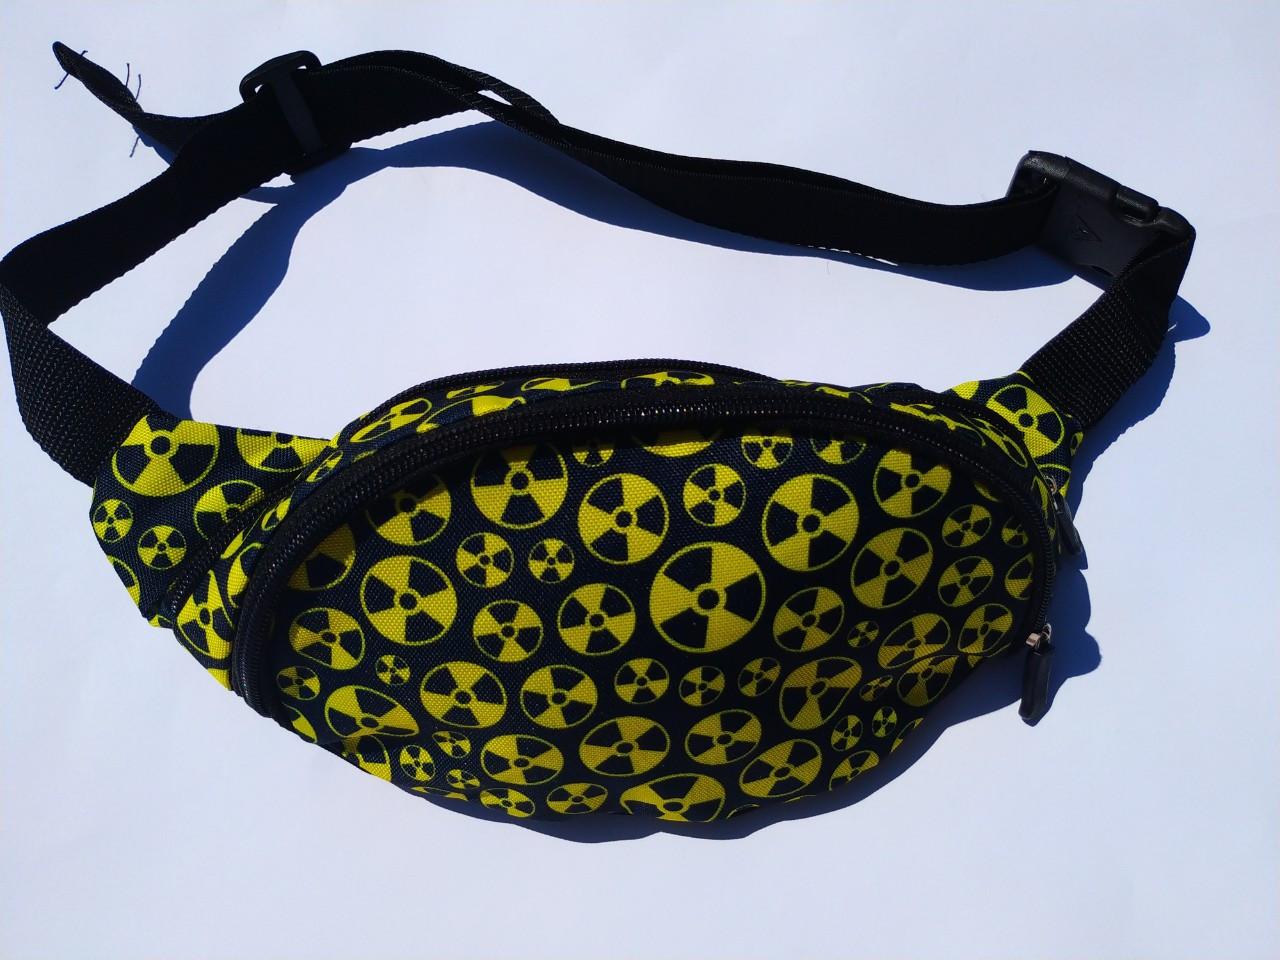 Поясная сумка Бананка сумка на пояс тканевая с ярким принтом женская мужская детская.